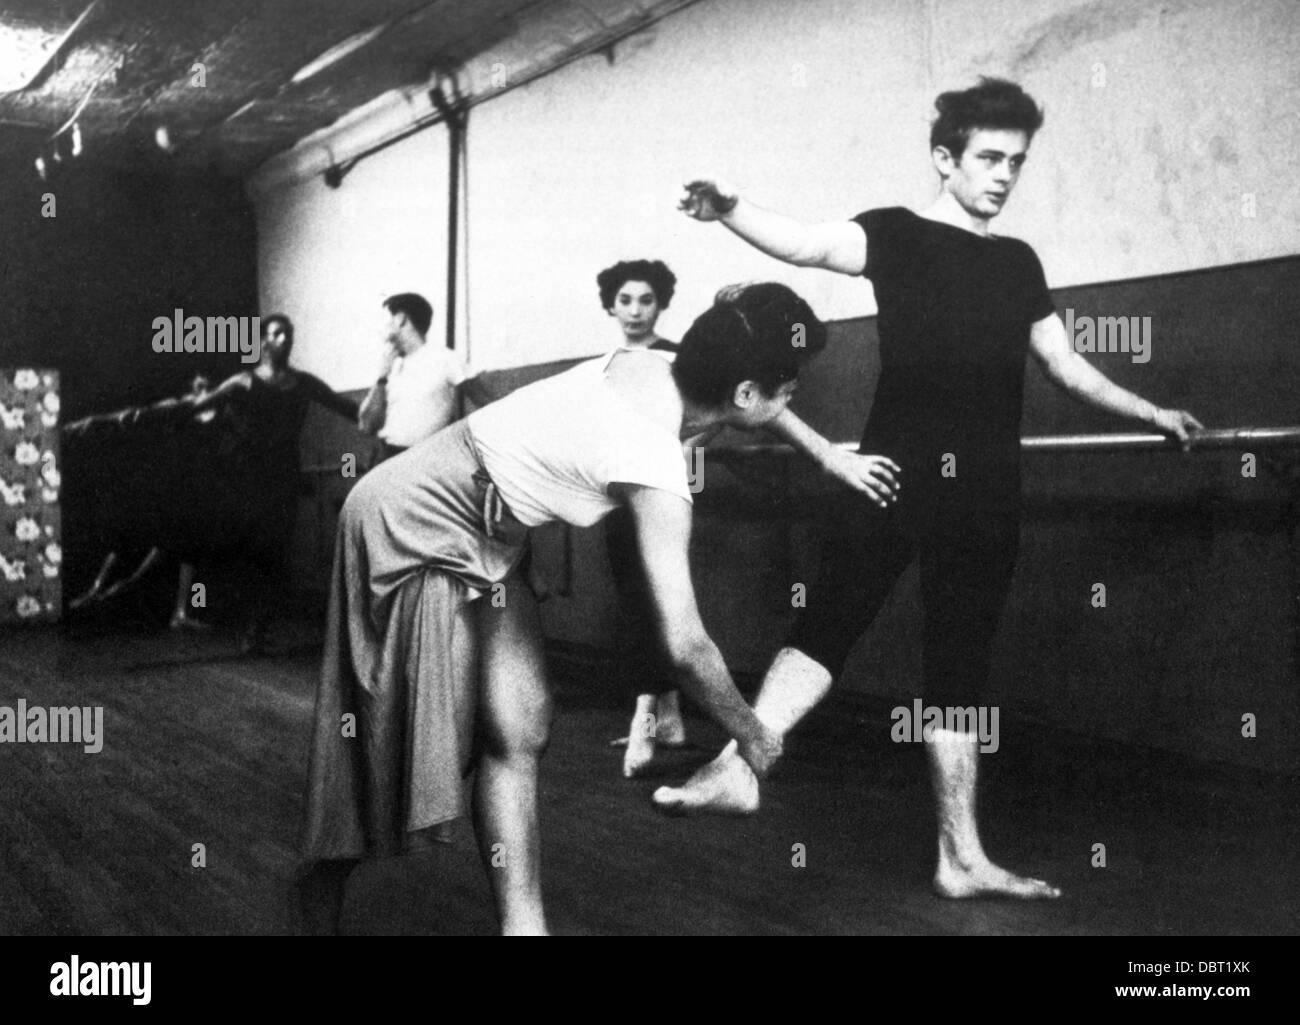 James Dean (portrait) jdn 20 collezione moviestore ltd Immagini Stock